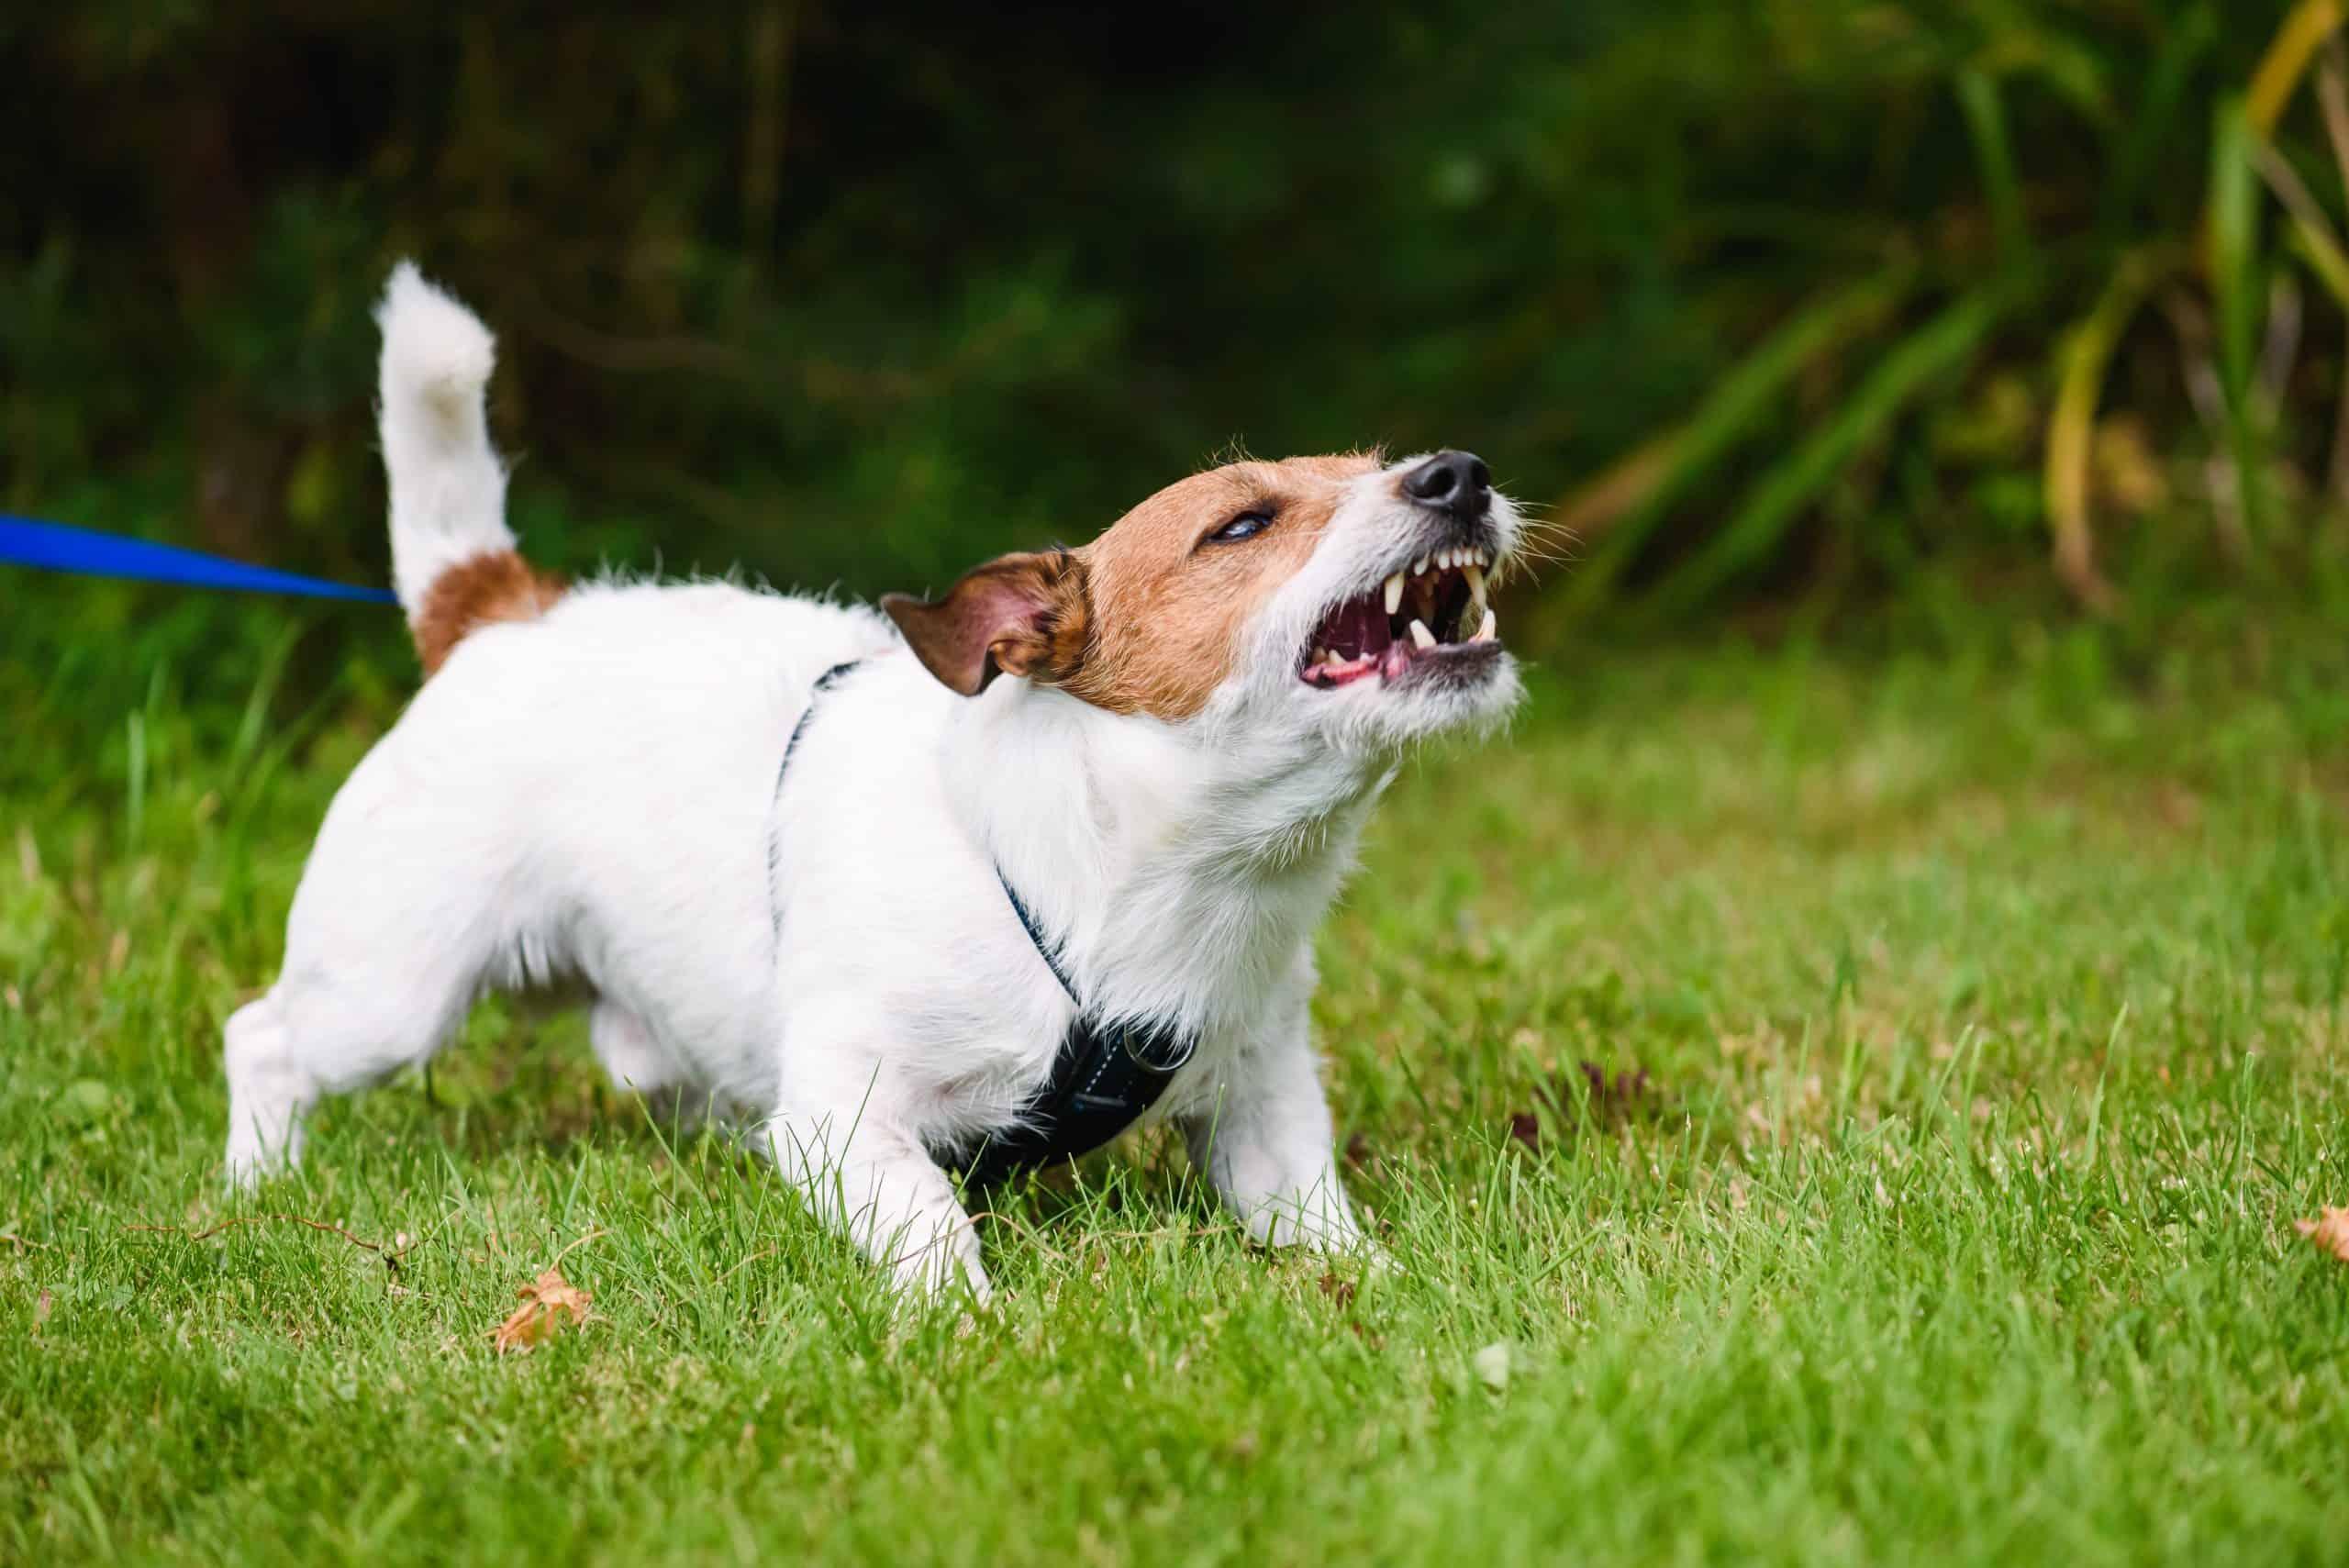 dogs bark at strangers